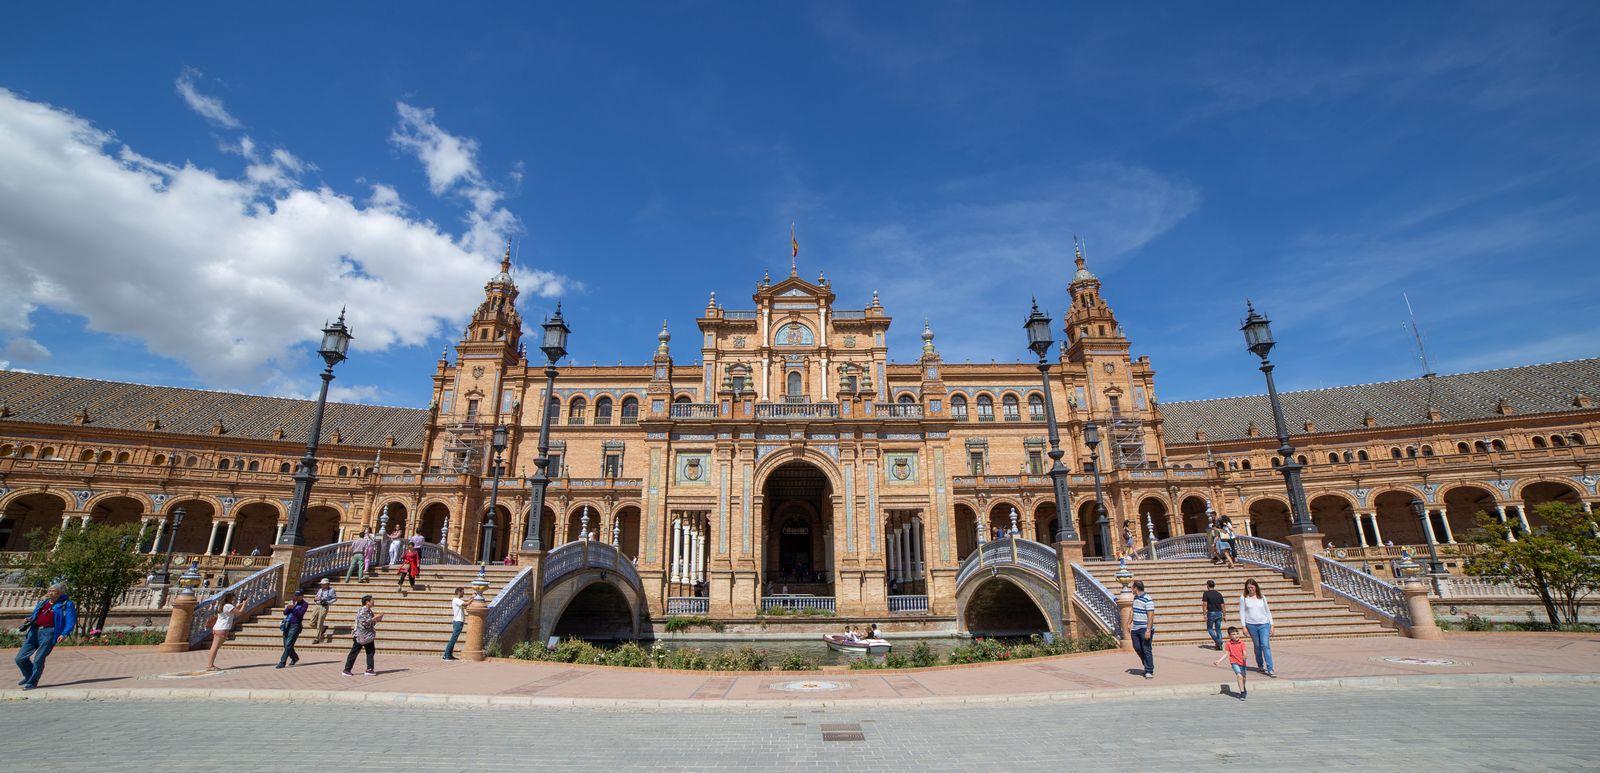 Plaza de España (I)